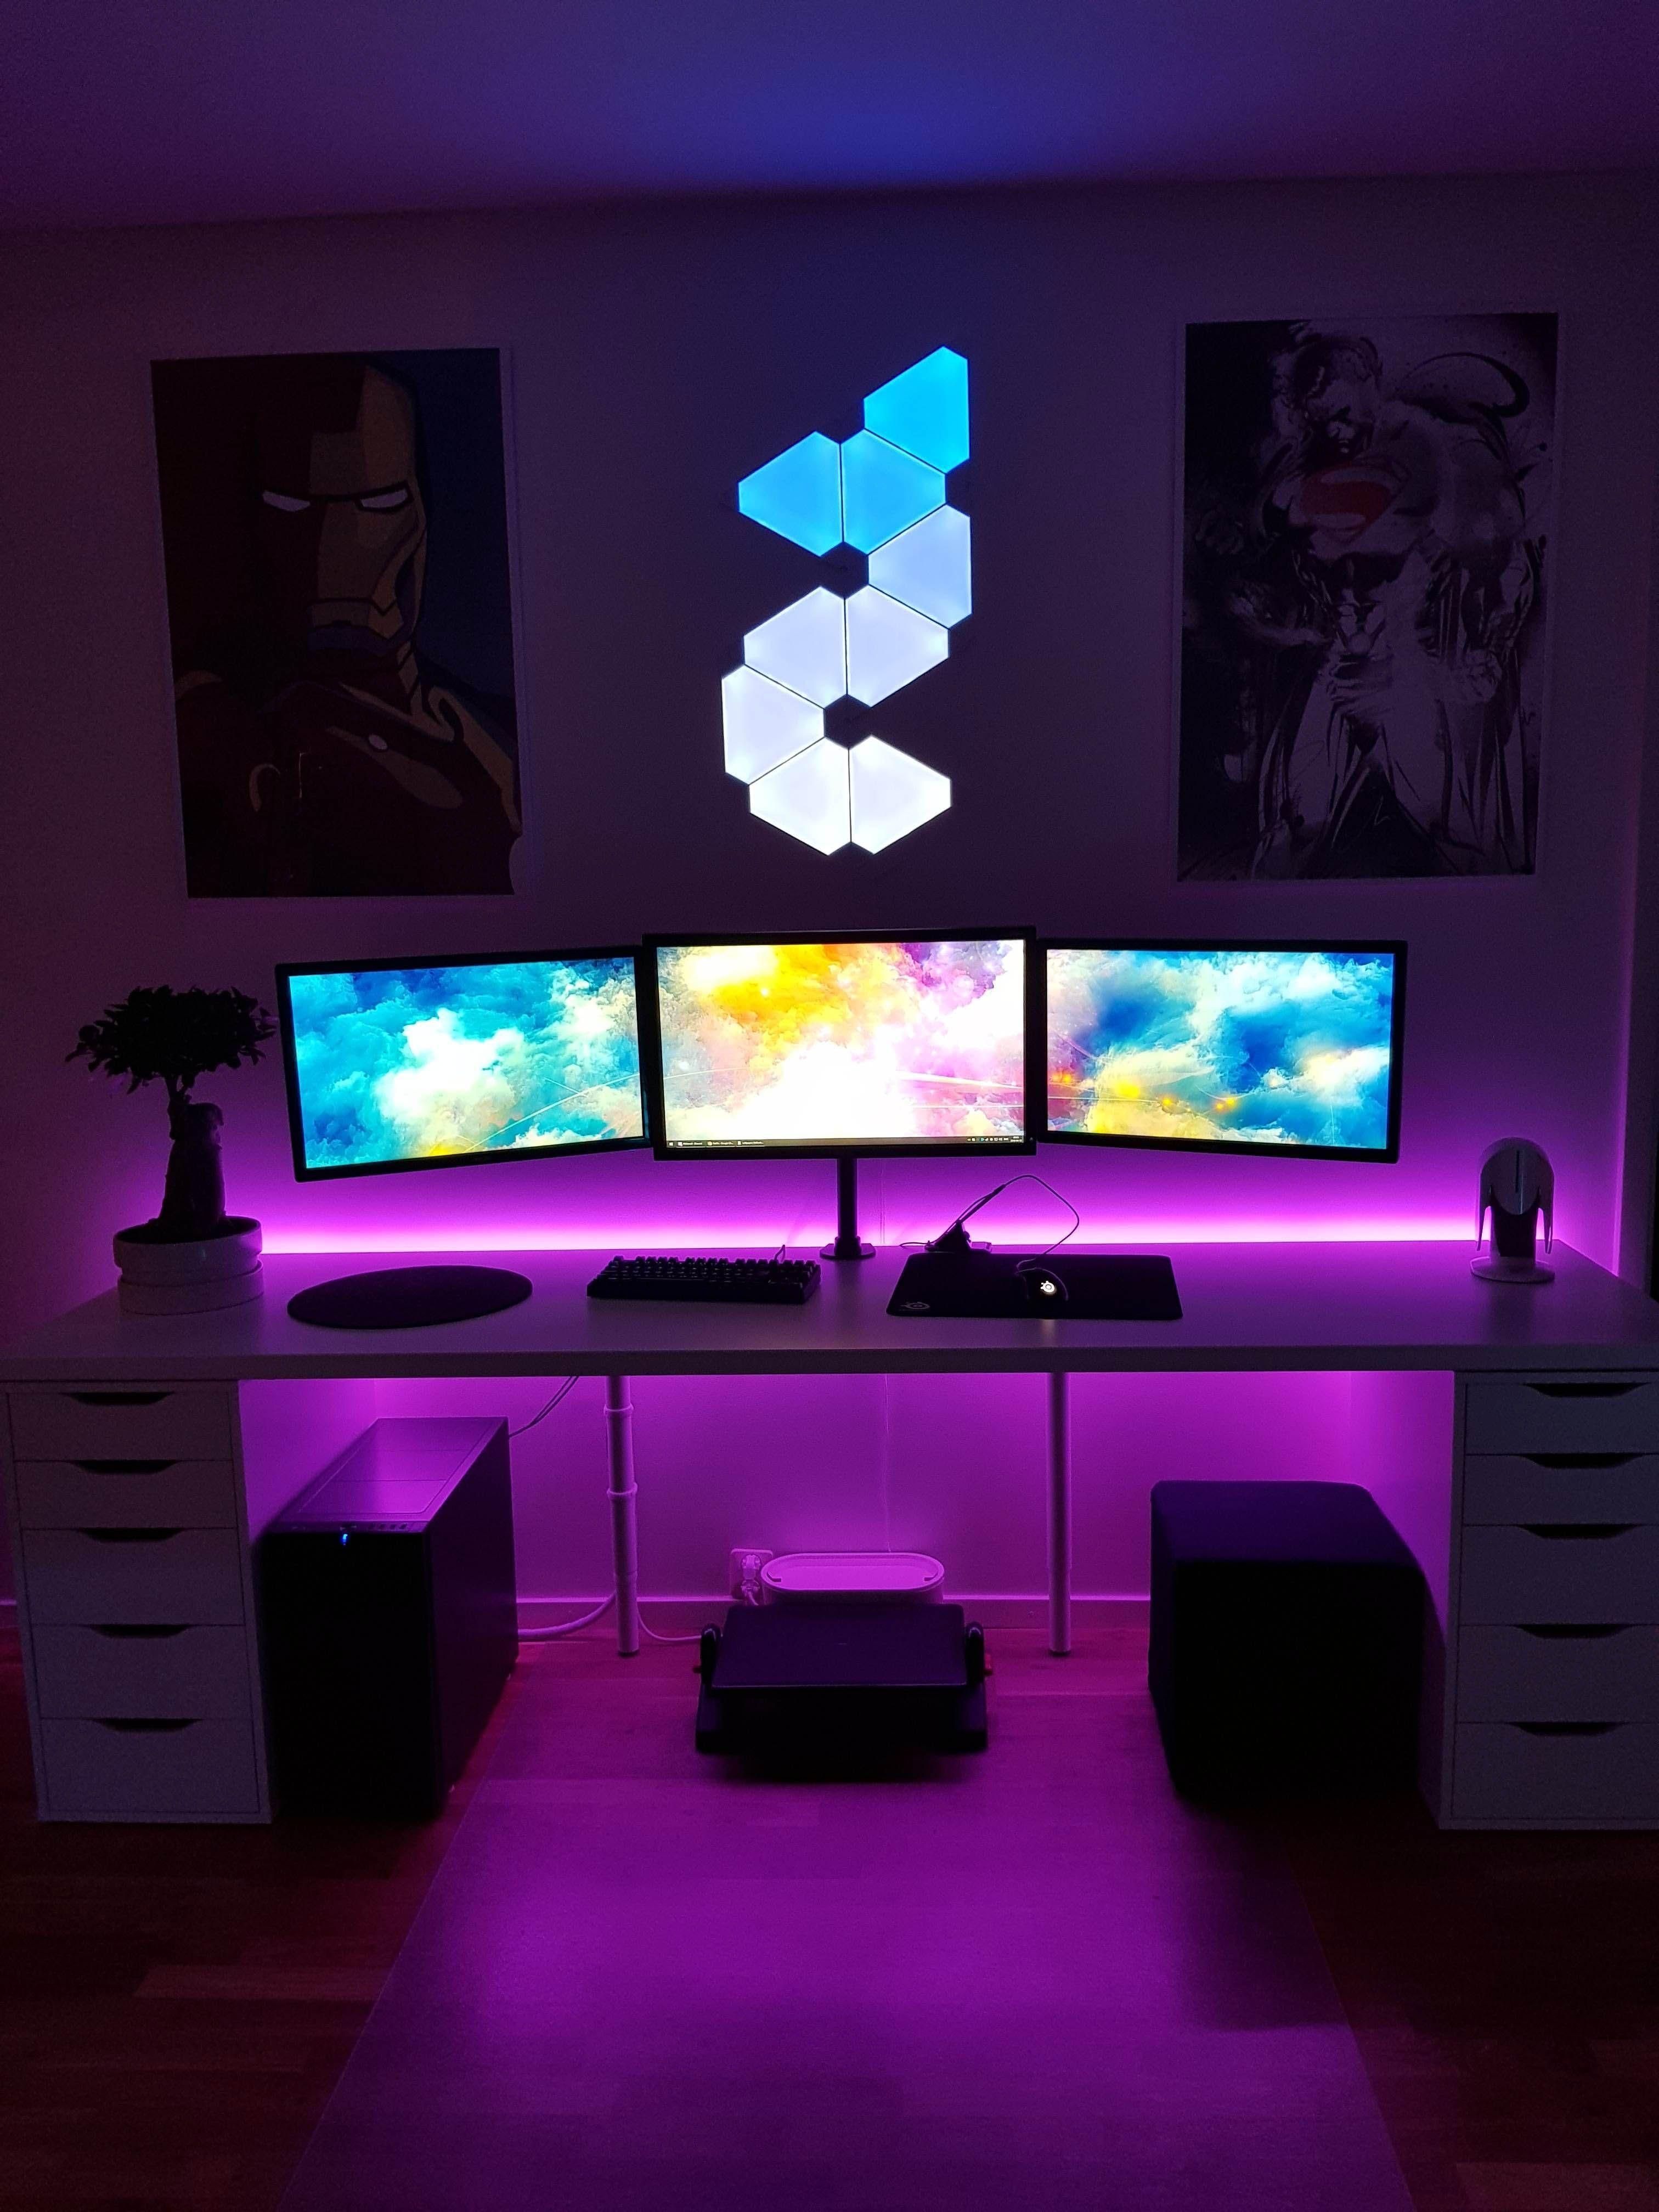 Diy Computer Desk Ideas Gamingsetup Spielaufbau Zocker Zimmer Spielzimmer Design